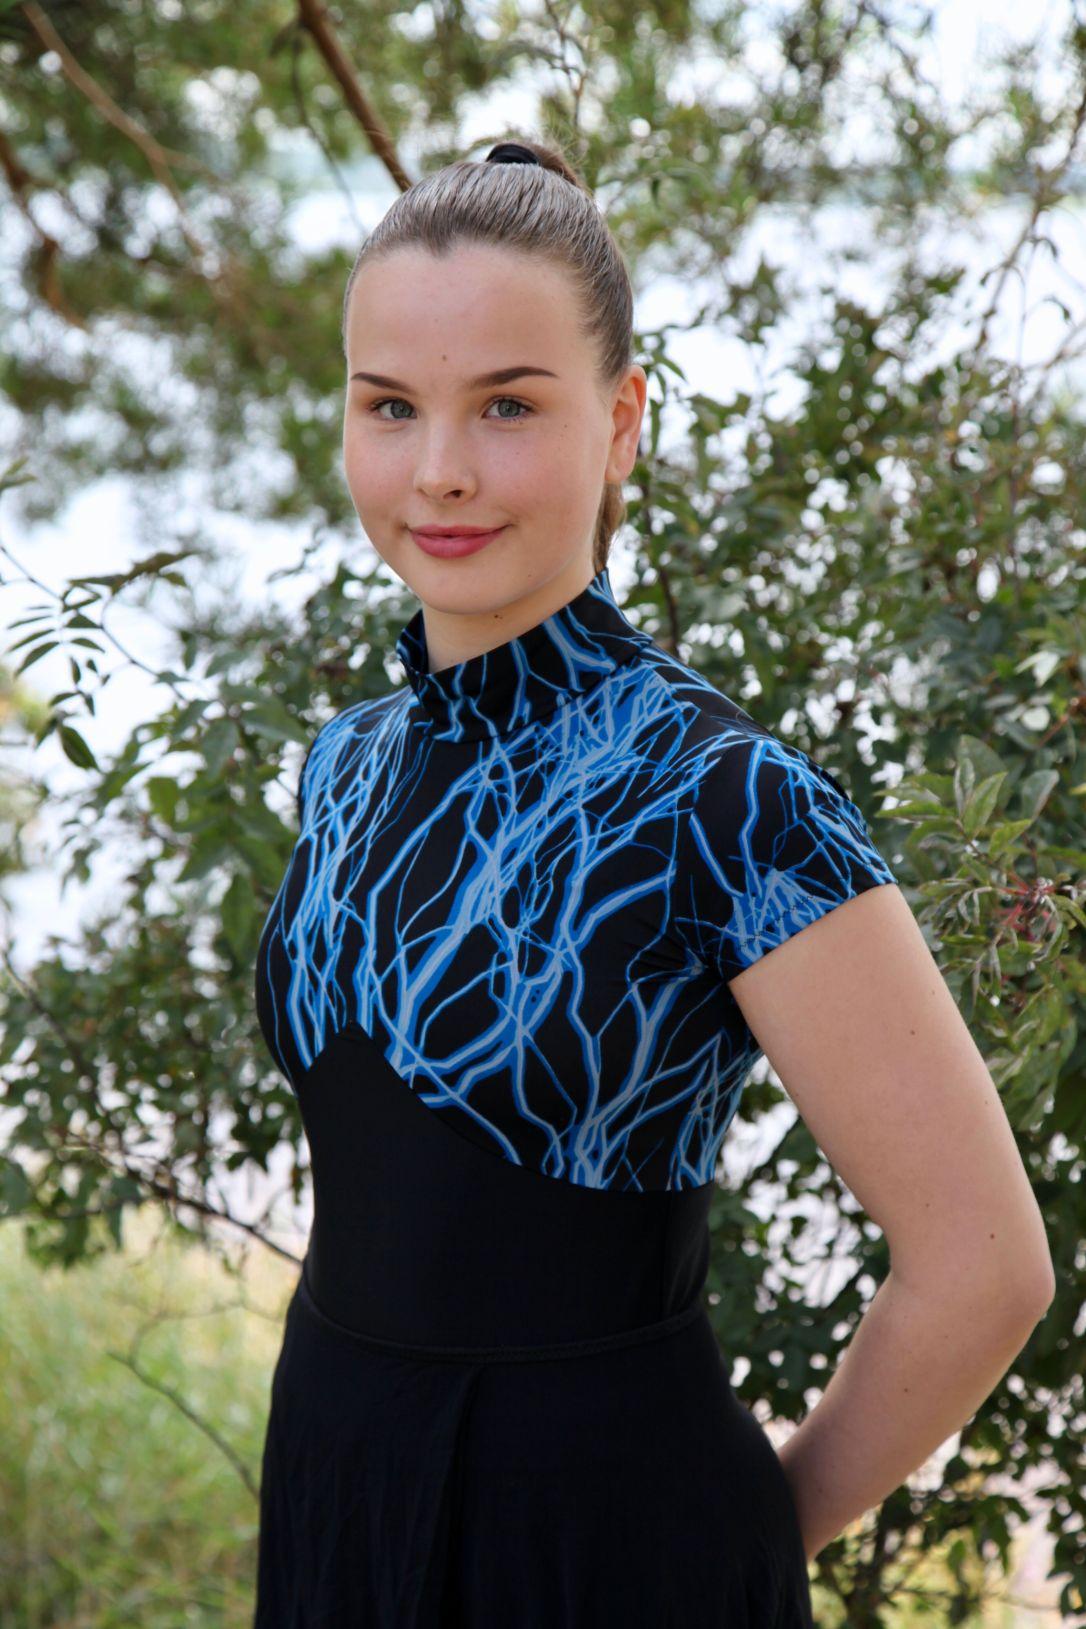 Aino Kari